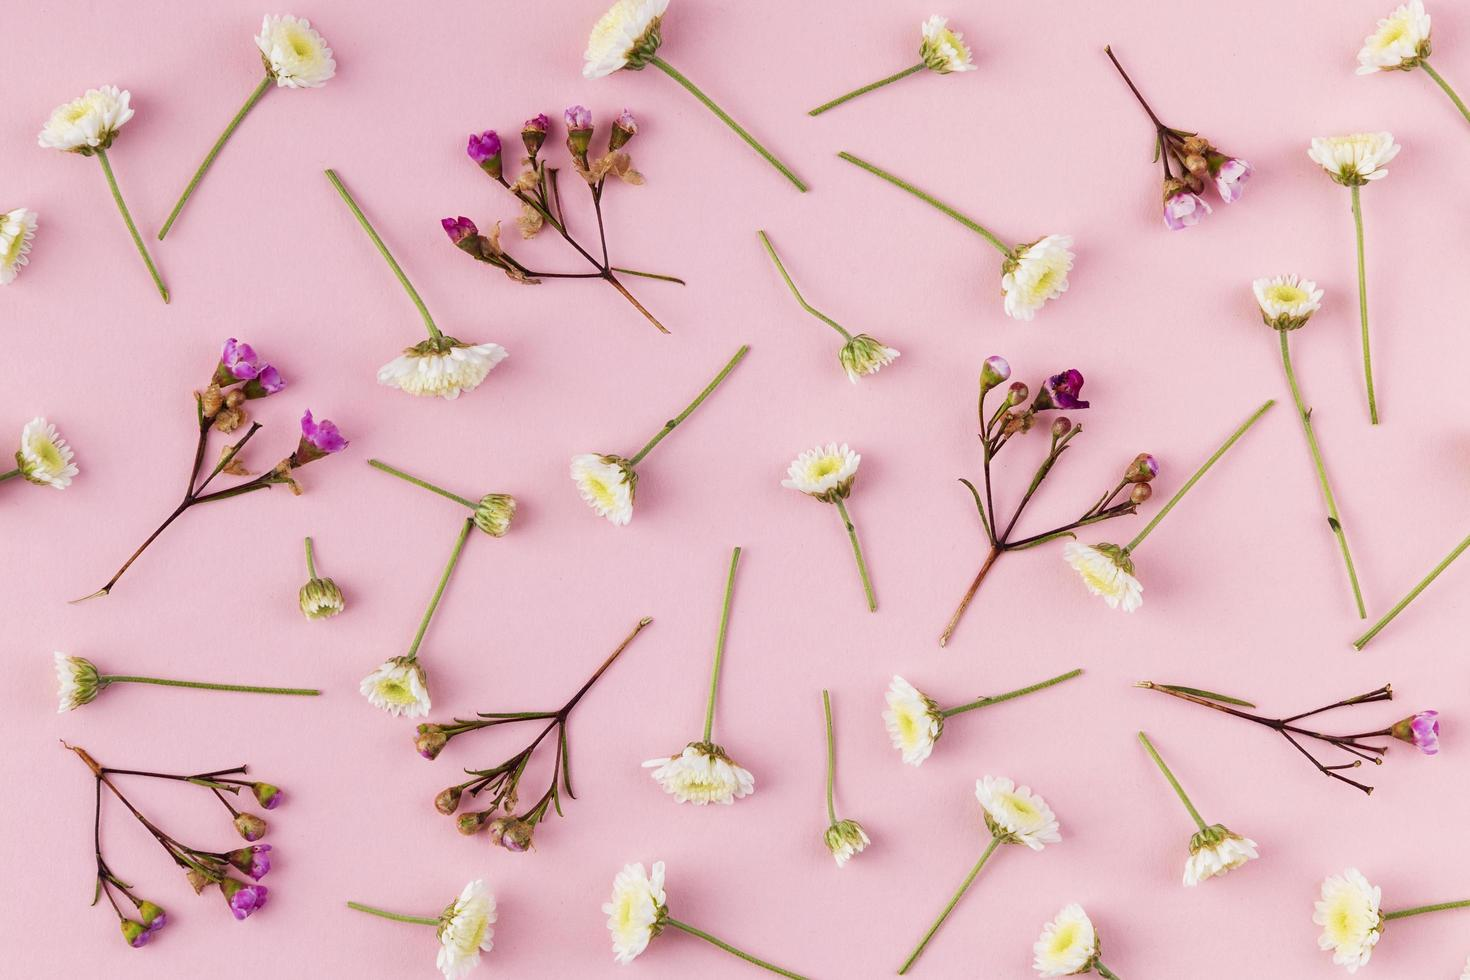 flores planas em fundo rosa foto